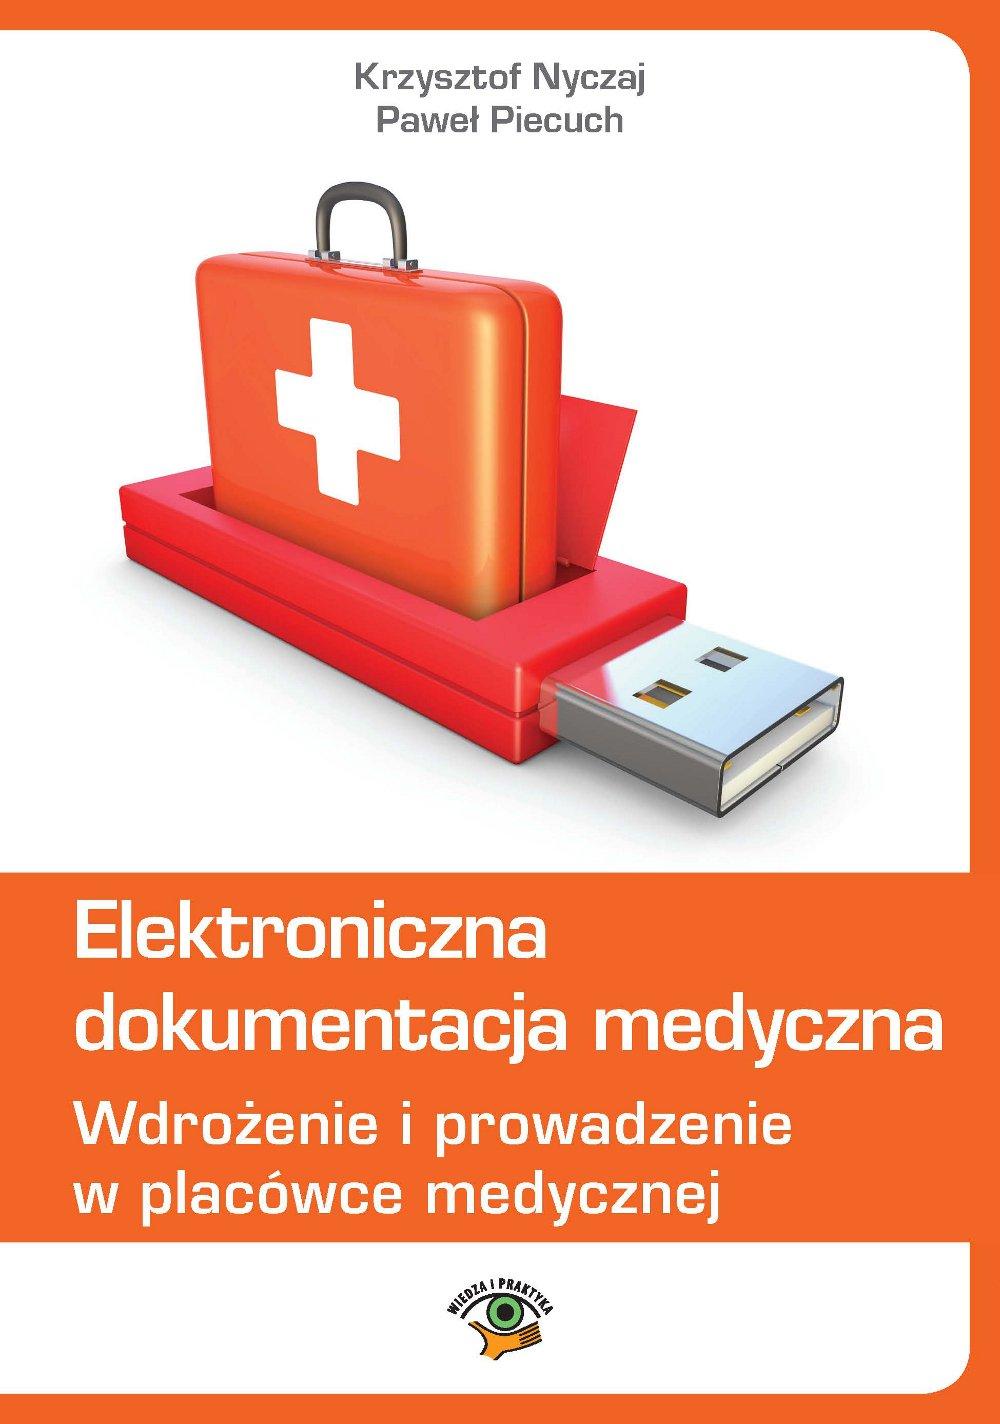 Elektroniczna dokumentacja medyczna. Wdrożenie i prowadzenie w placówce medycznej (wydanie trzecie zaktualizowane) - Ebook (Książka na Kindle) do pobrania w formacie MOBI